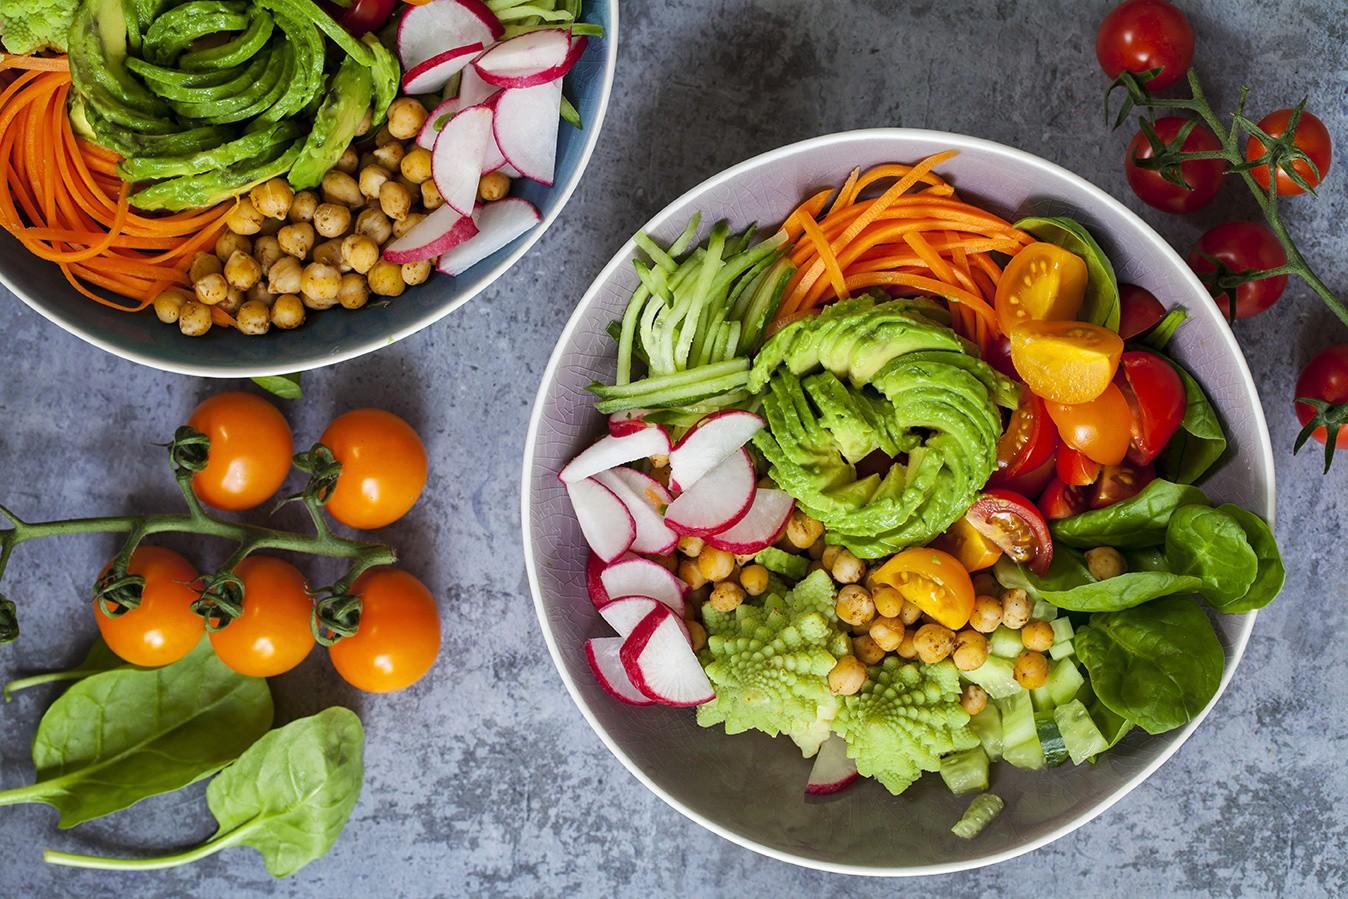 Những kiểu ăn kiêng sai lầm mà rất nhiều người mắc khi giảm cân, đặc biệt là cái số 3 - Ảnh 4